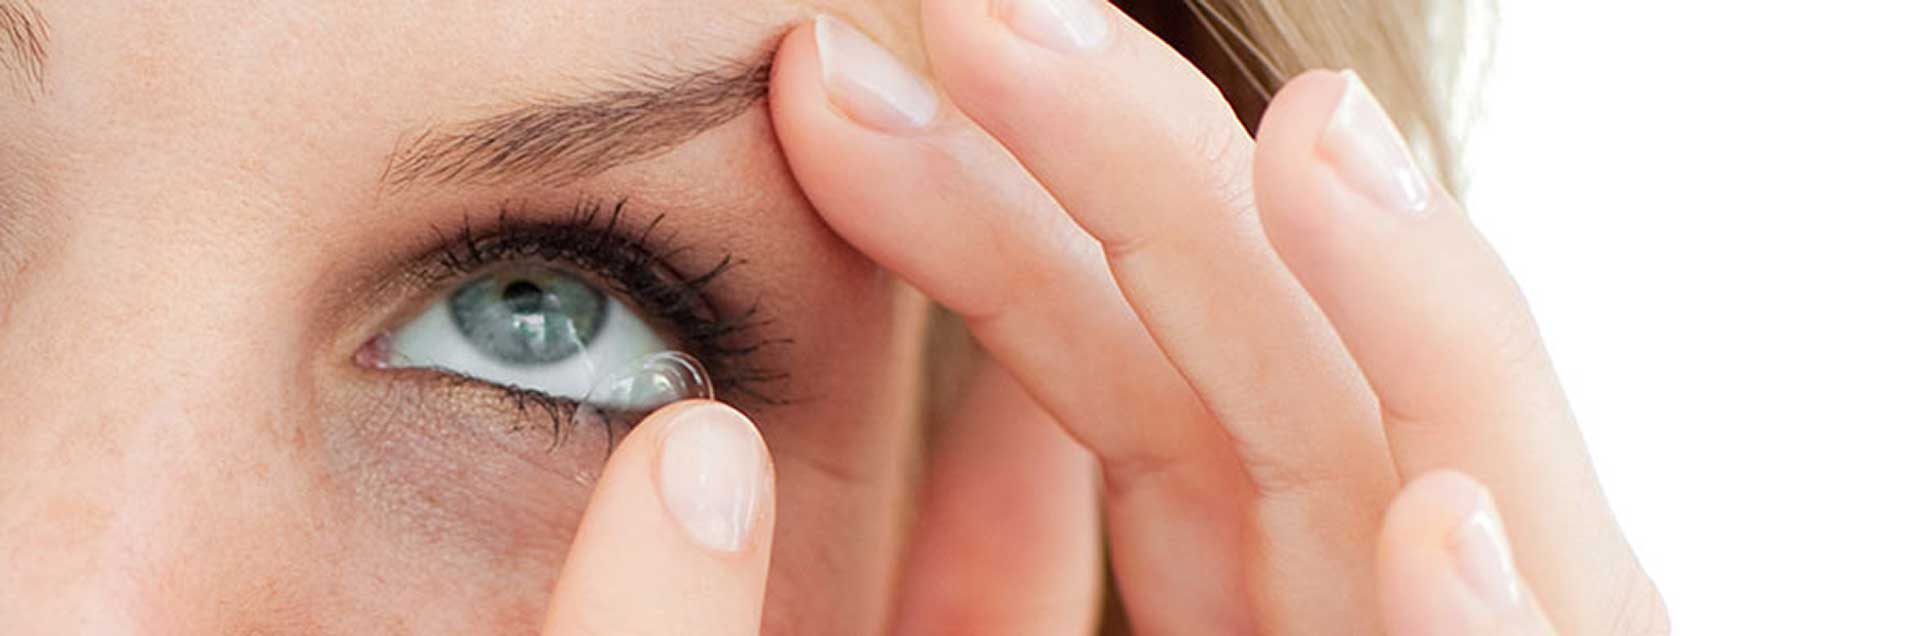 contact-lens-exam